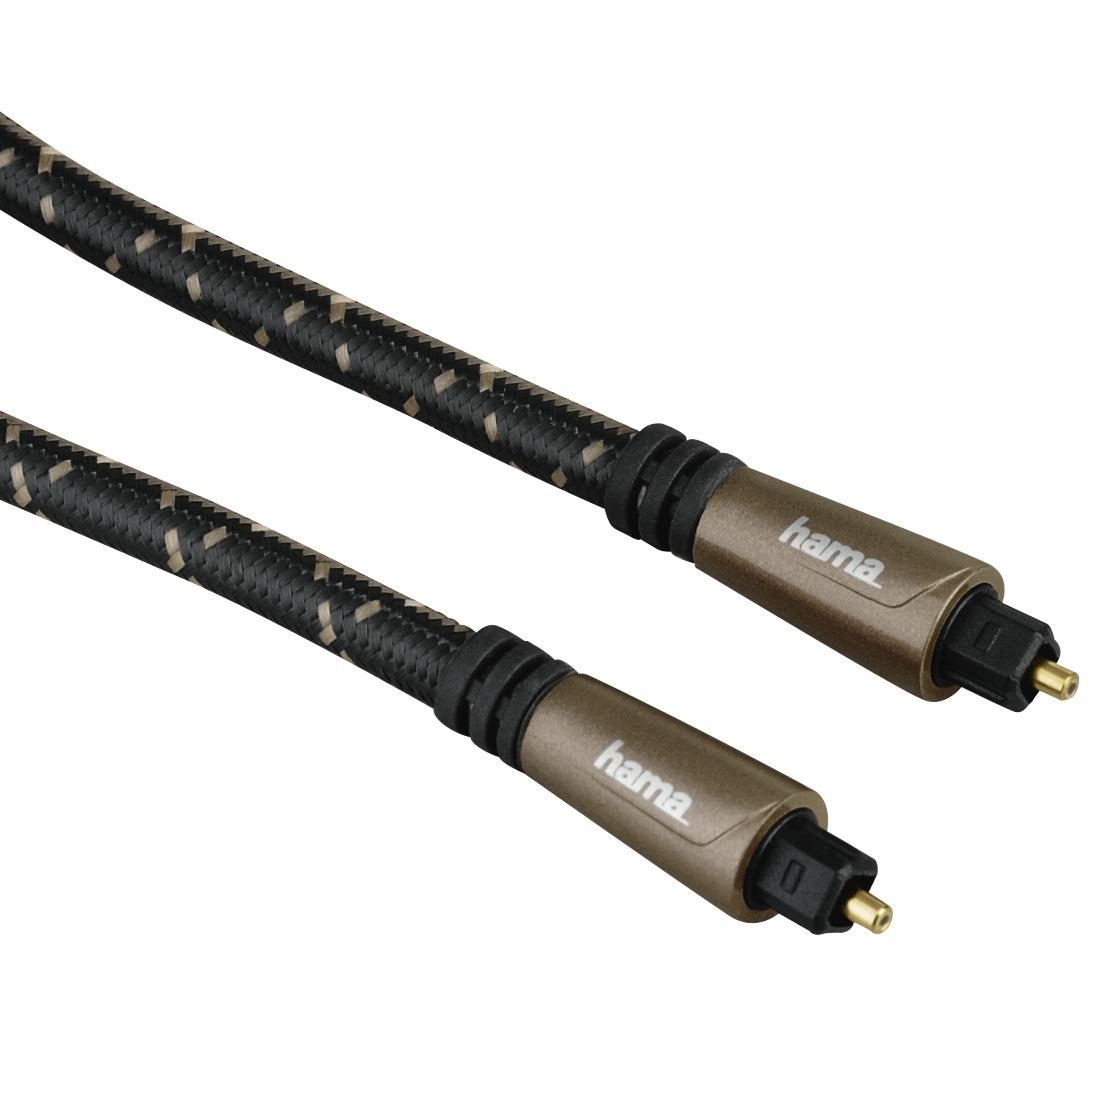 Korting Hama Optische kabel ODT Premium 3 meter Optische kabel